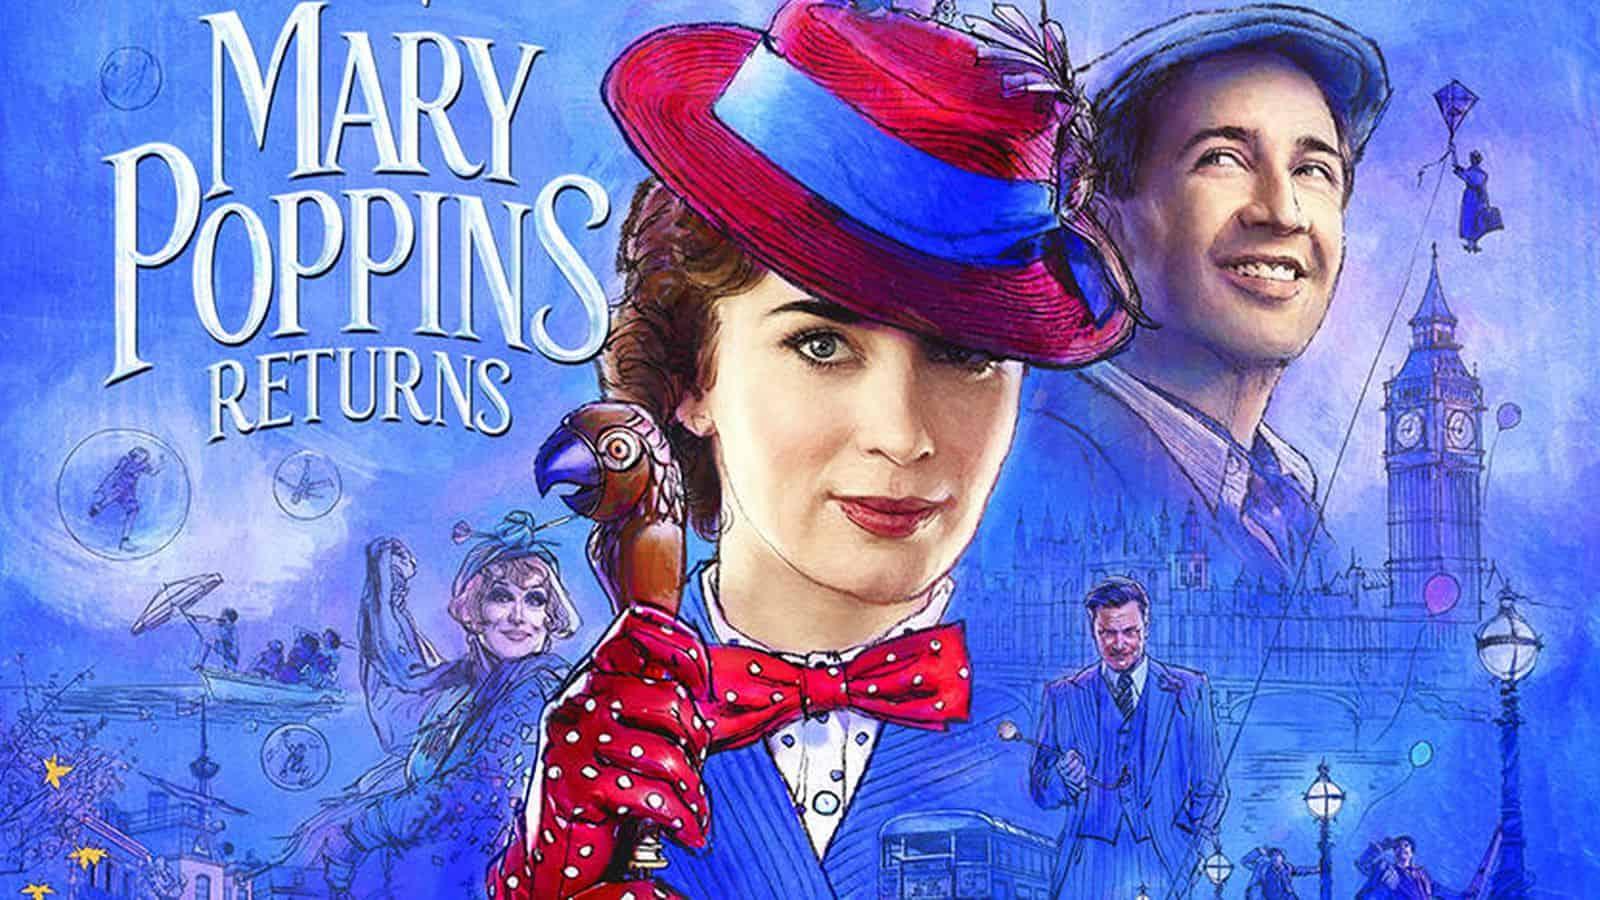 Recensie: Mary Poppins returns & vanaf welke leeftijd? - Mamaliefde.nl